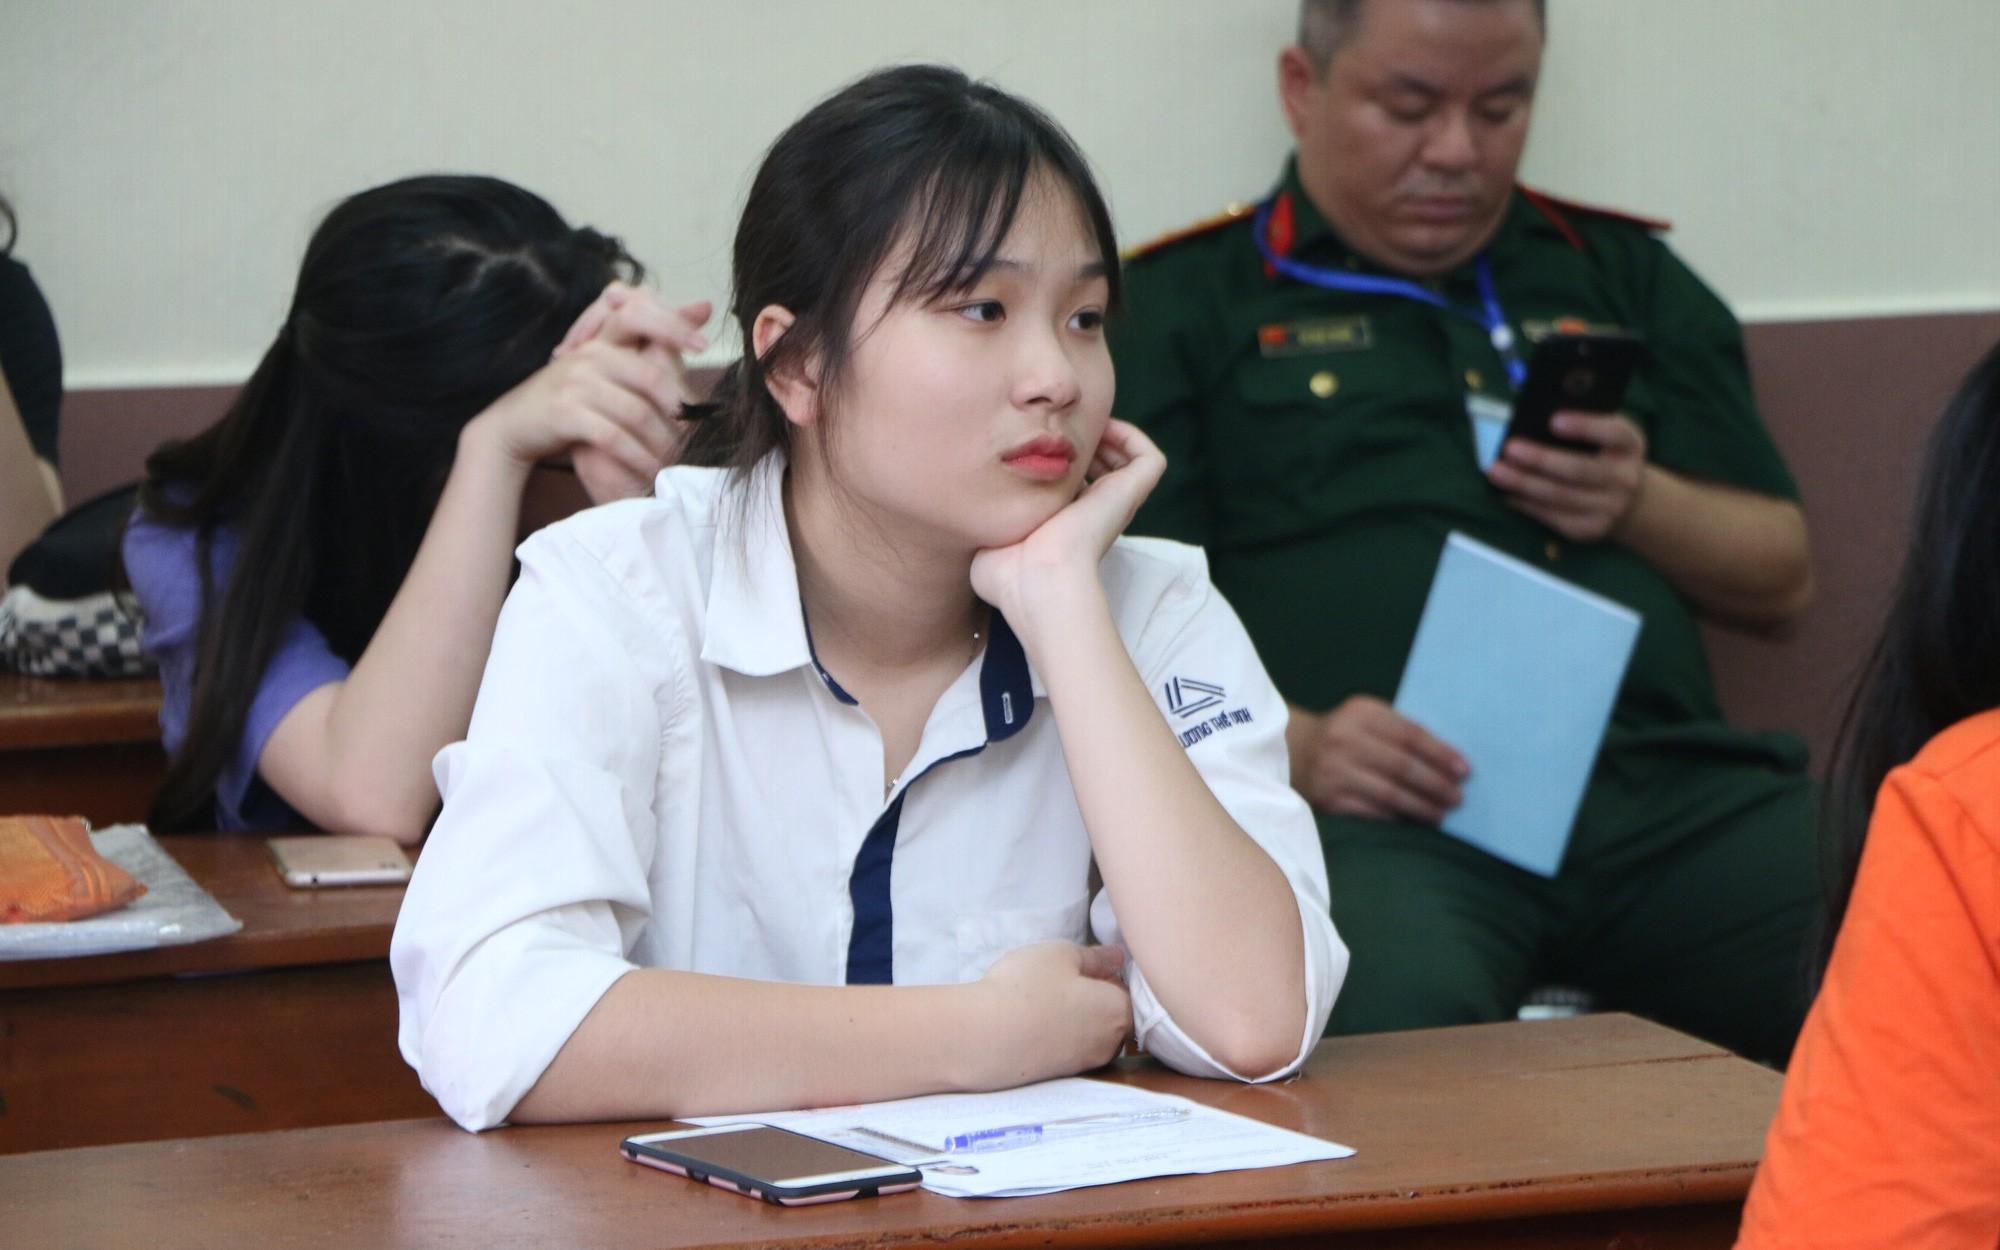 Điện lực Hà Nội khẳng định không cắt điện trong suốt kì thi THPT quốc gia 2019